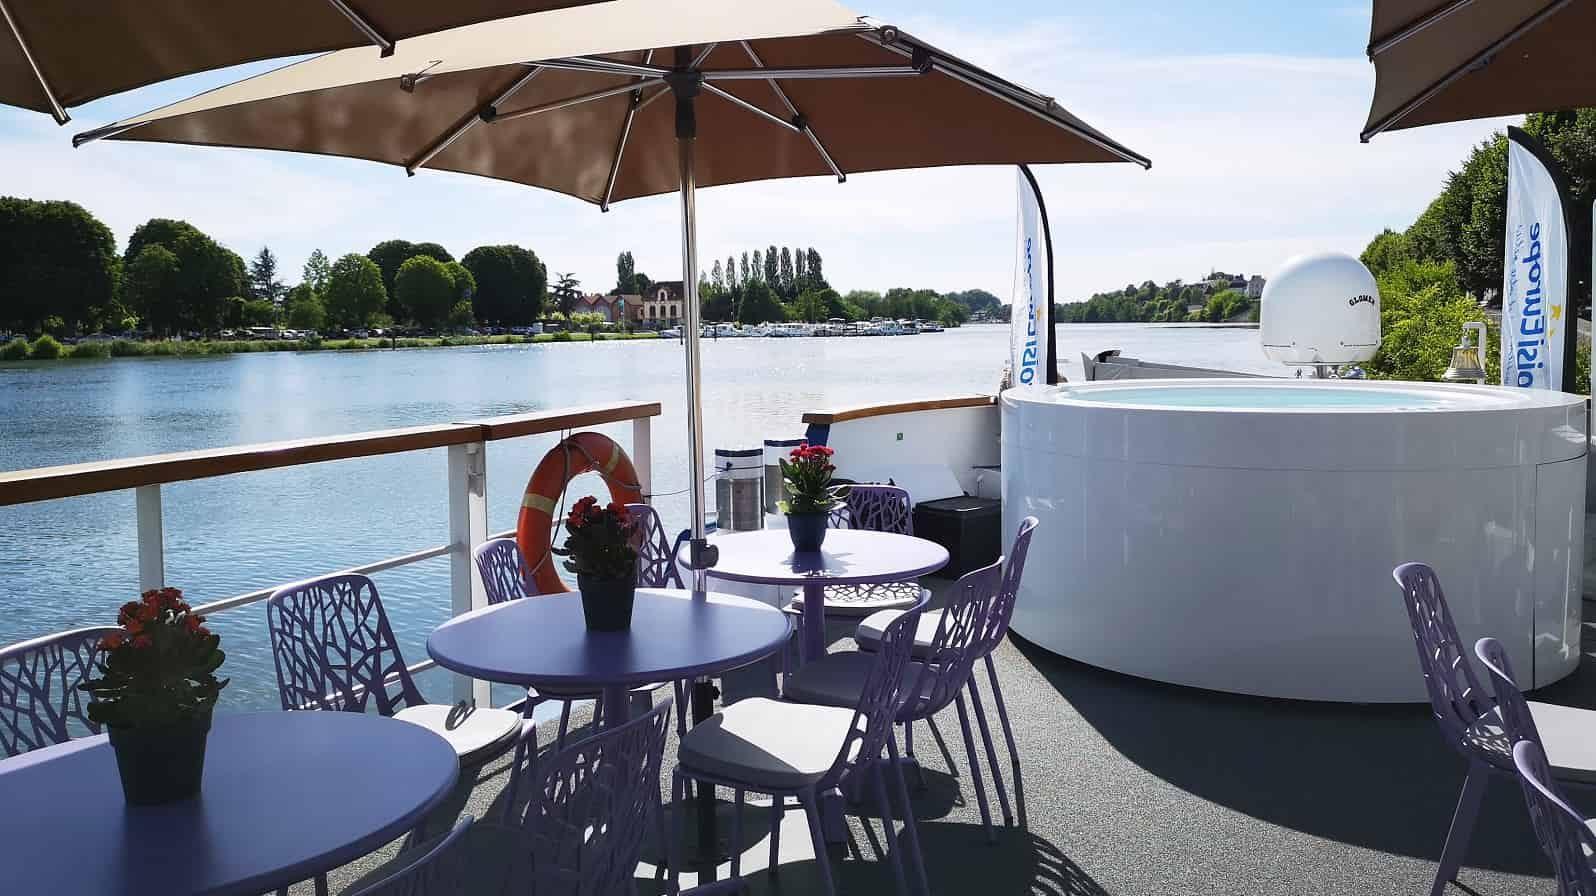 Barge-ulkokansi-ja-poreallas-©CroisiEurope-1596x896.jpg